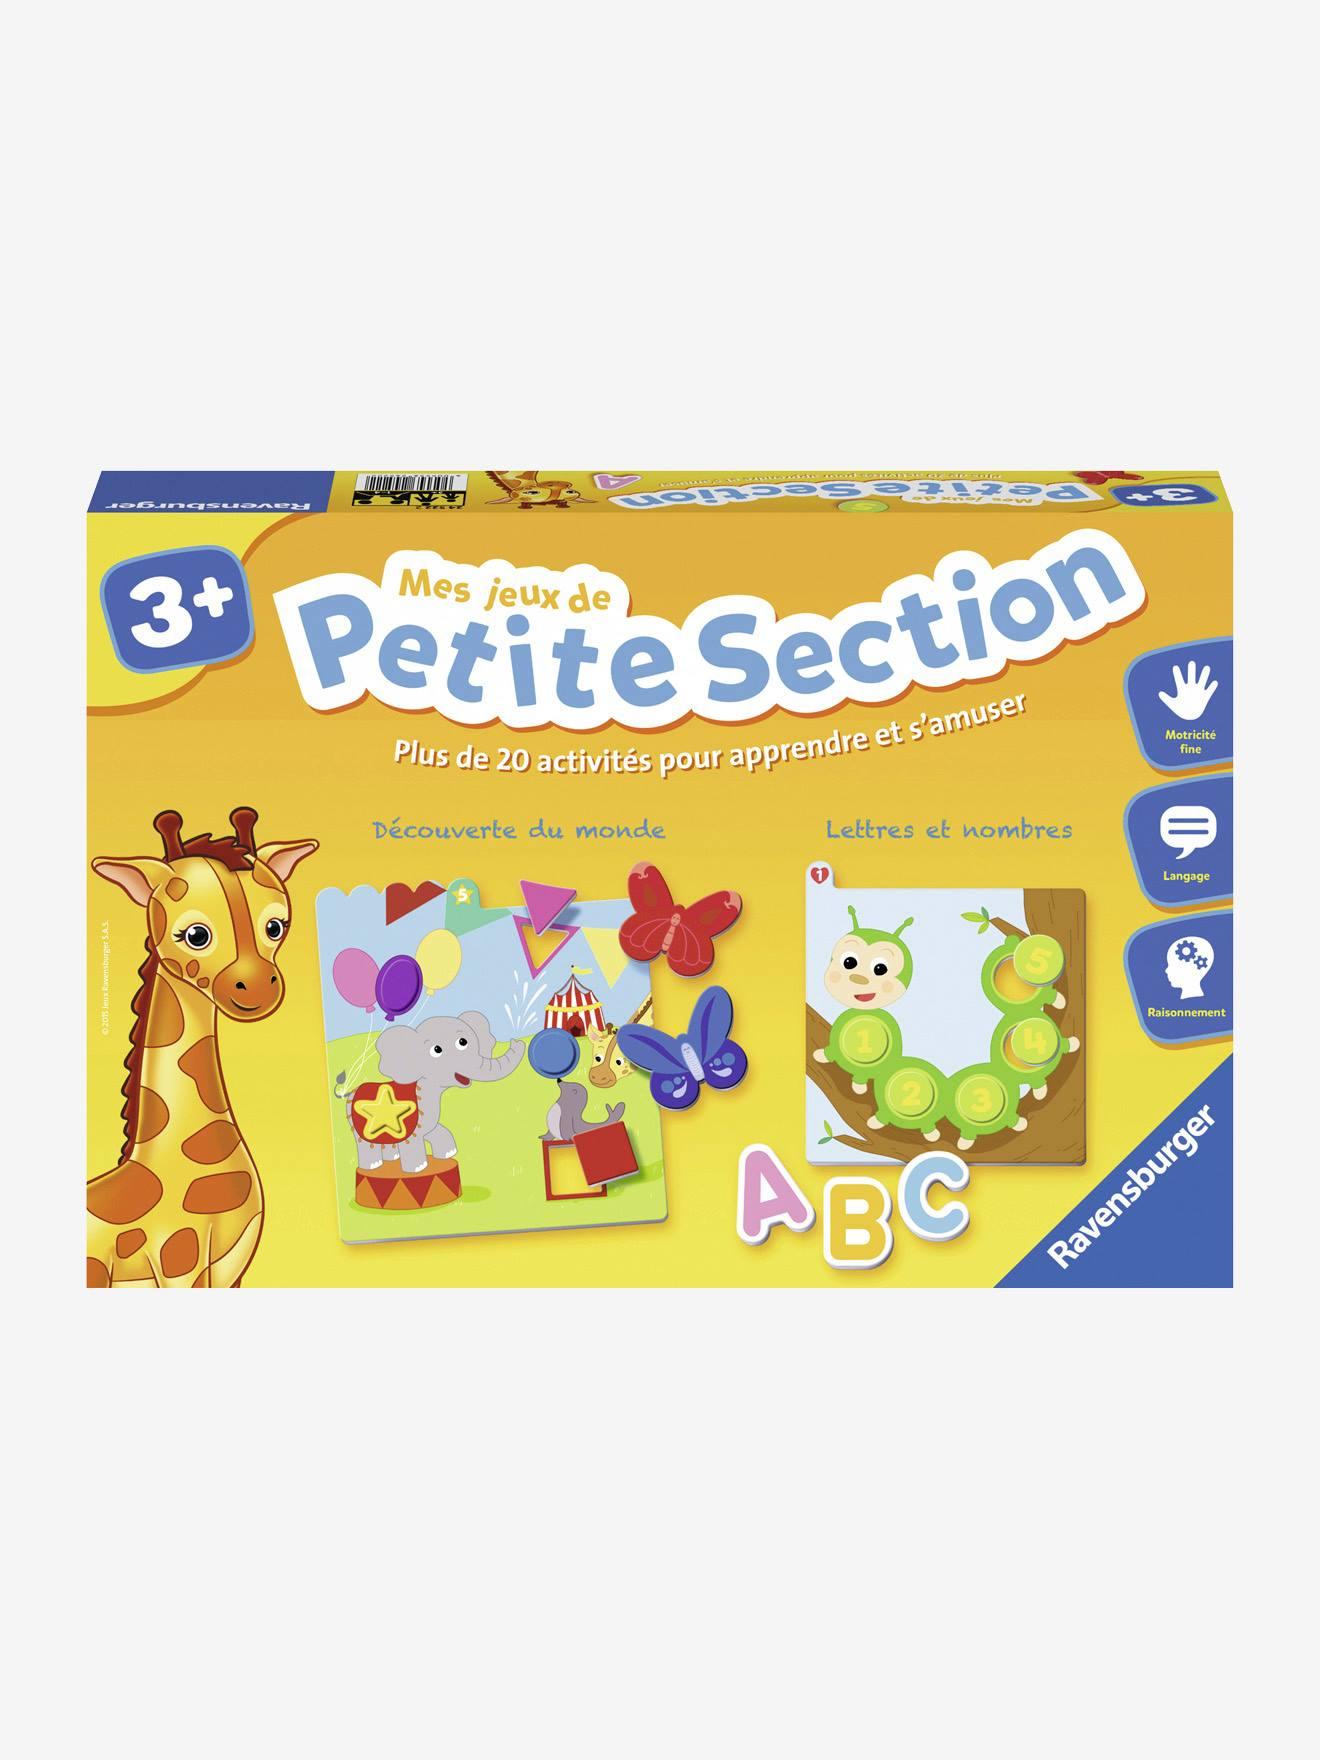 Jeux Maternelle Petite Section Gratuit - Primanyc encequiconcerne Jeux Pour Petite Section